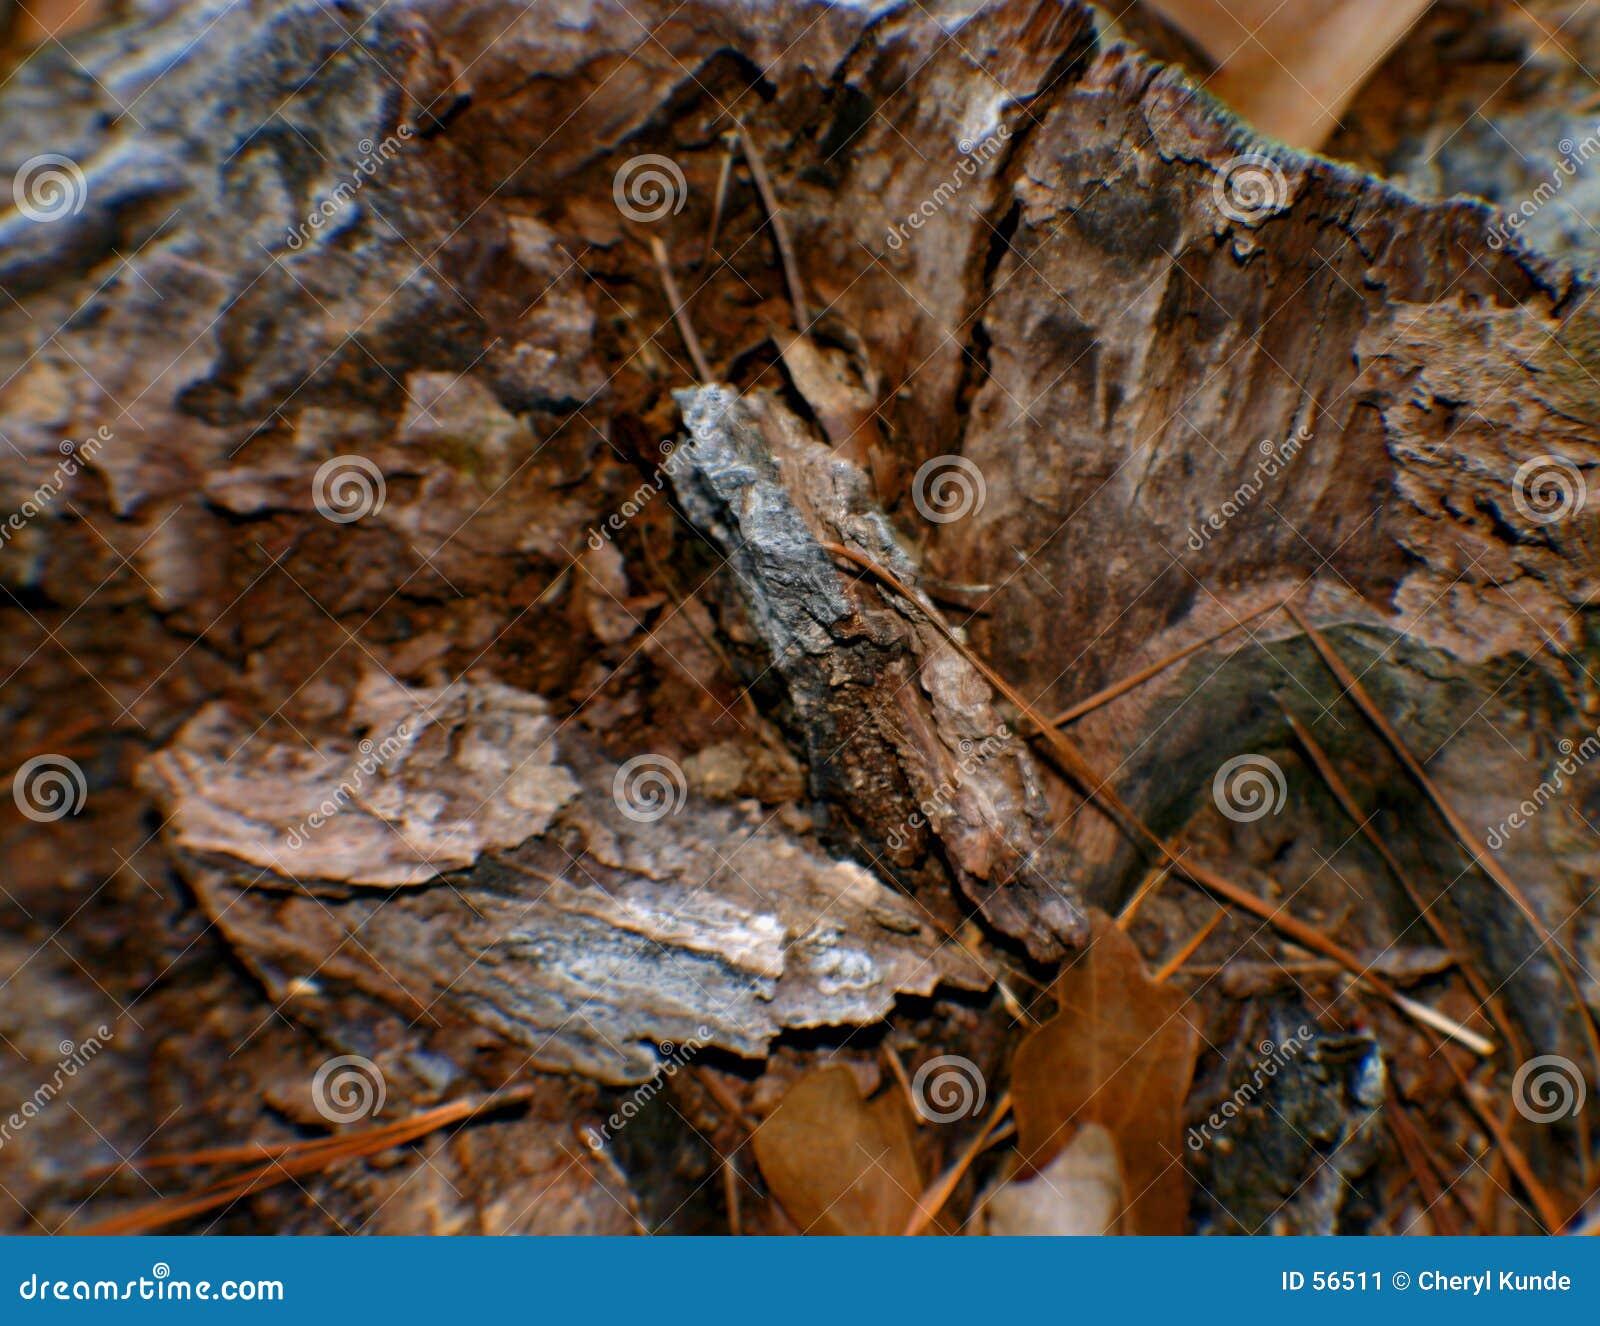 Download Déchets de bois image stock. Image du horizontal, cache - 56511